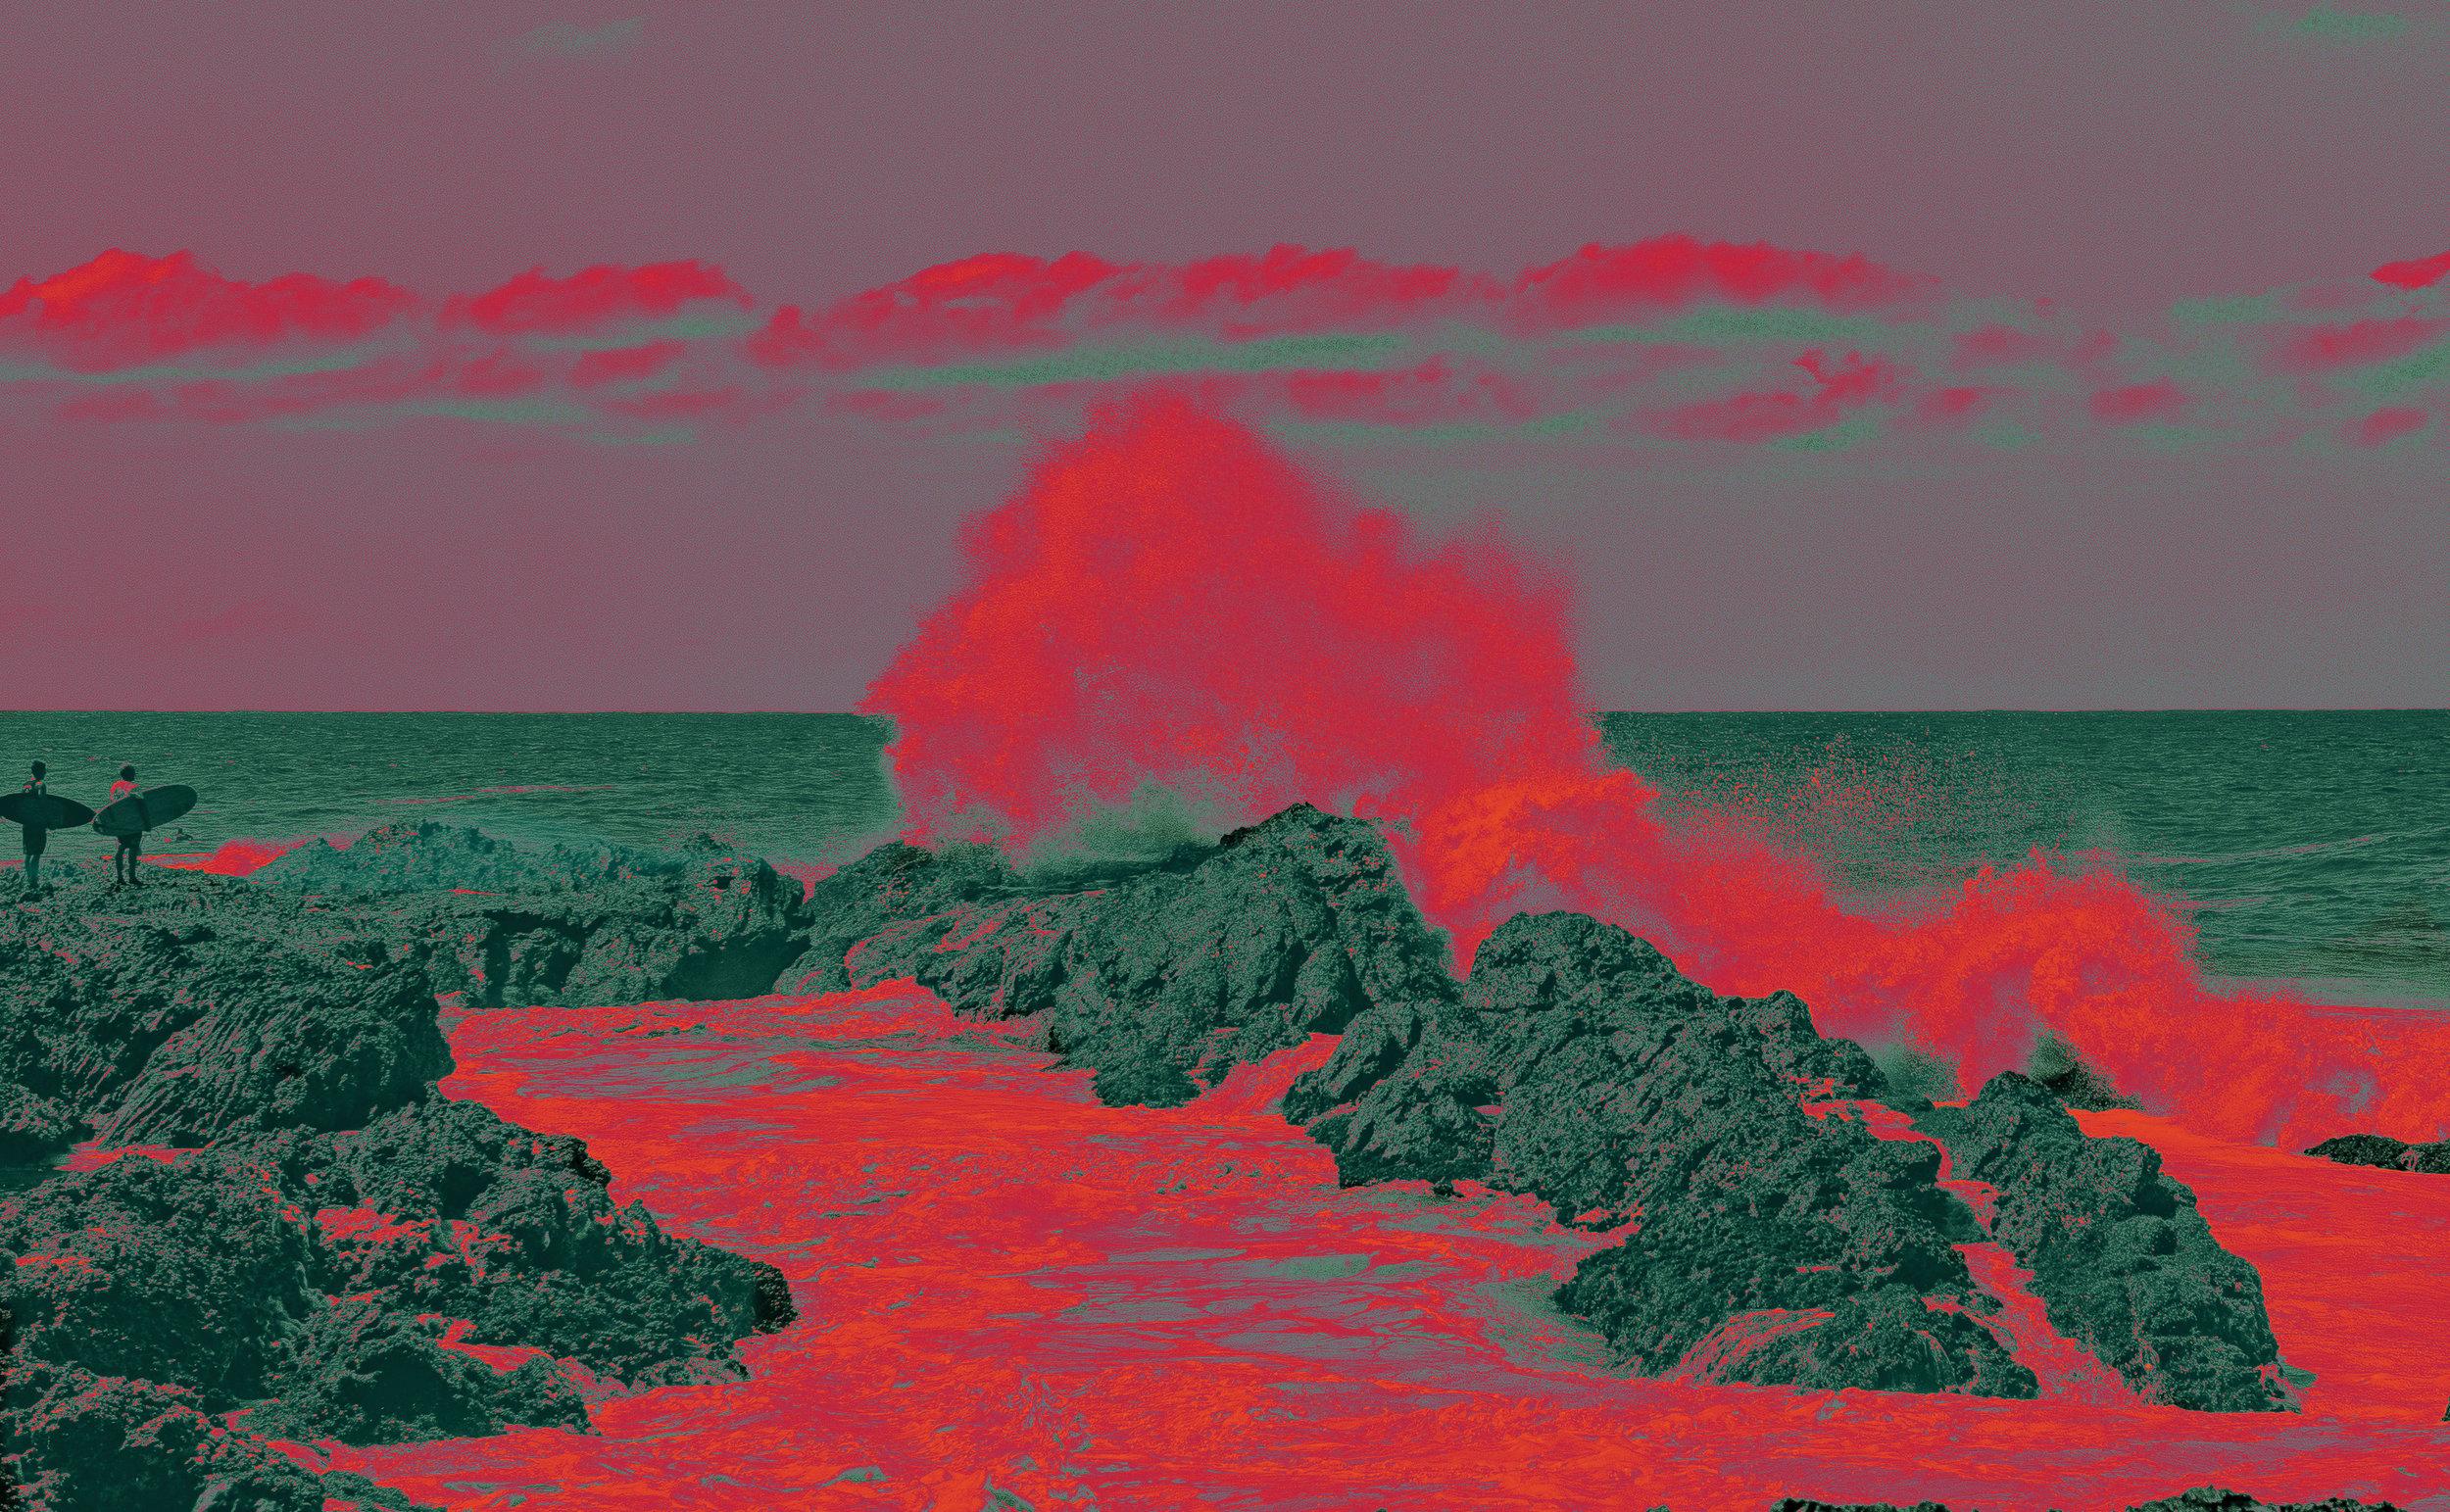 DSC03293-layered.jpg